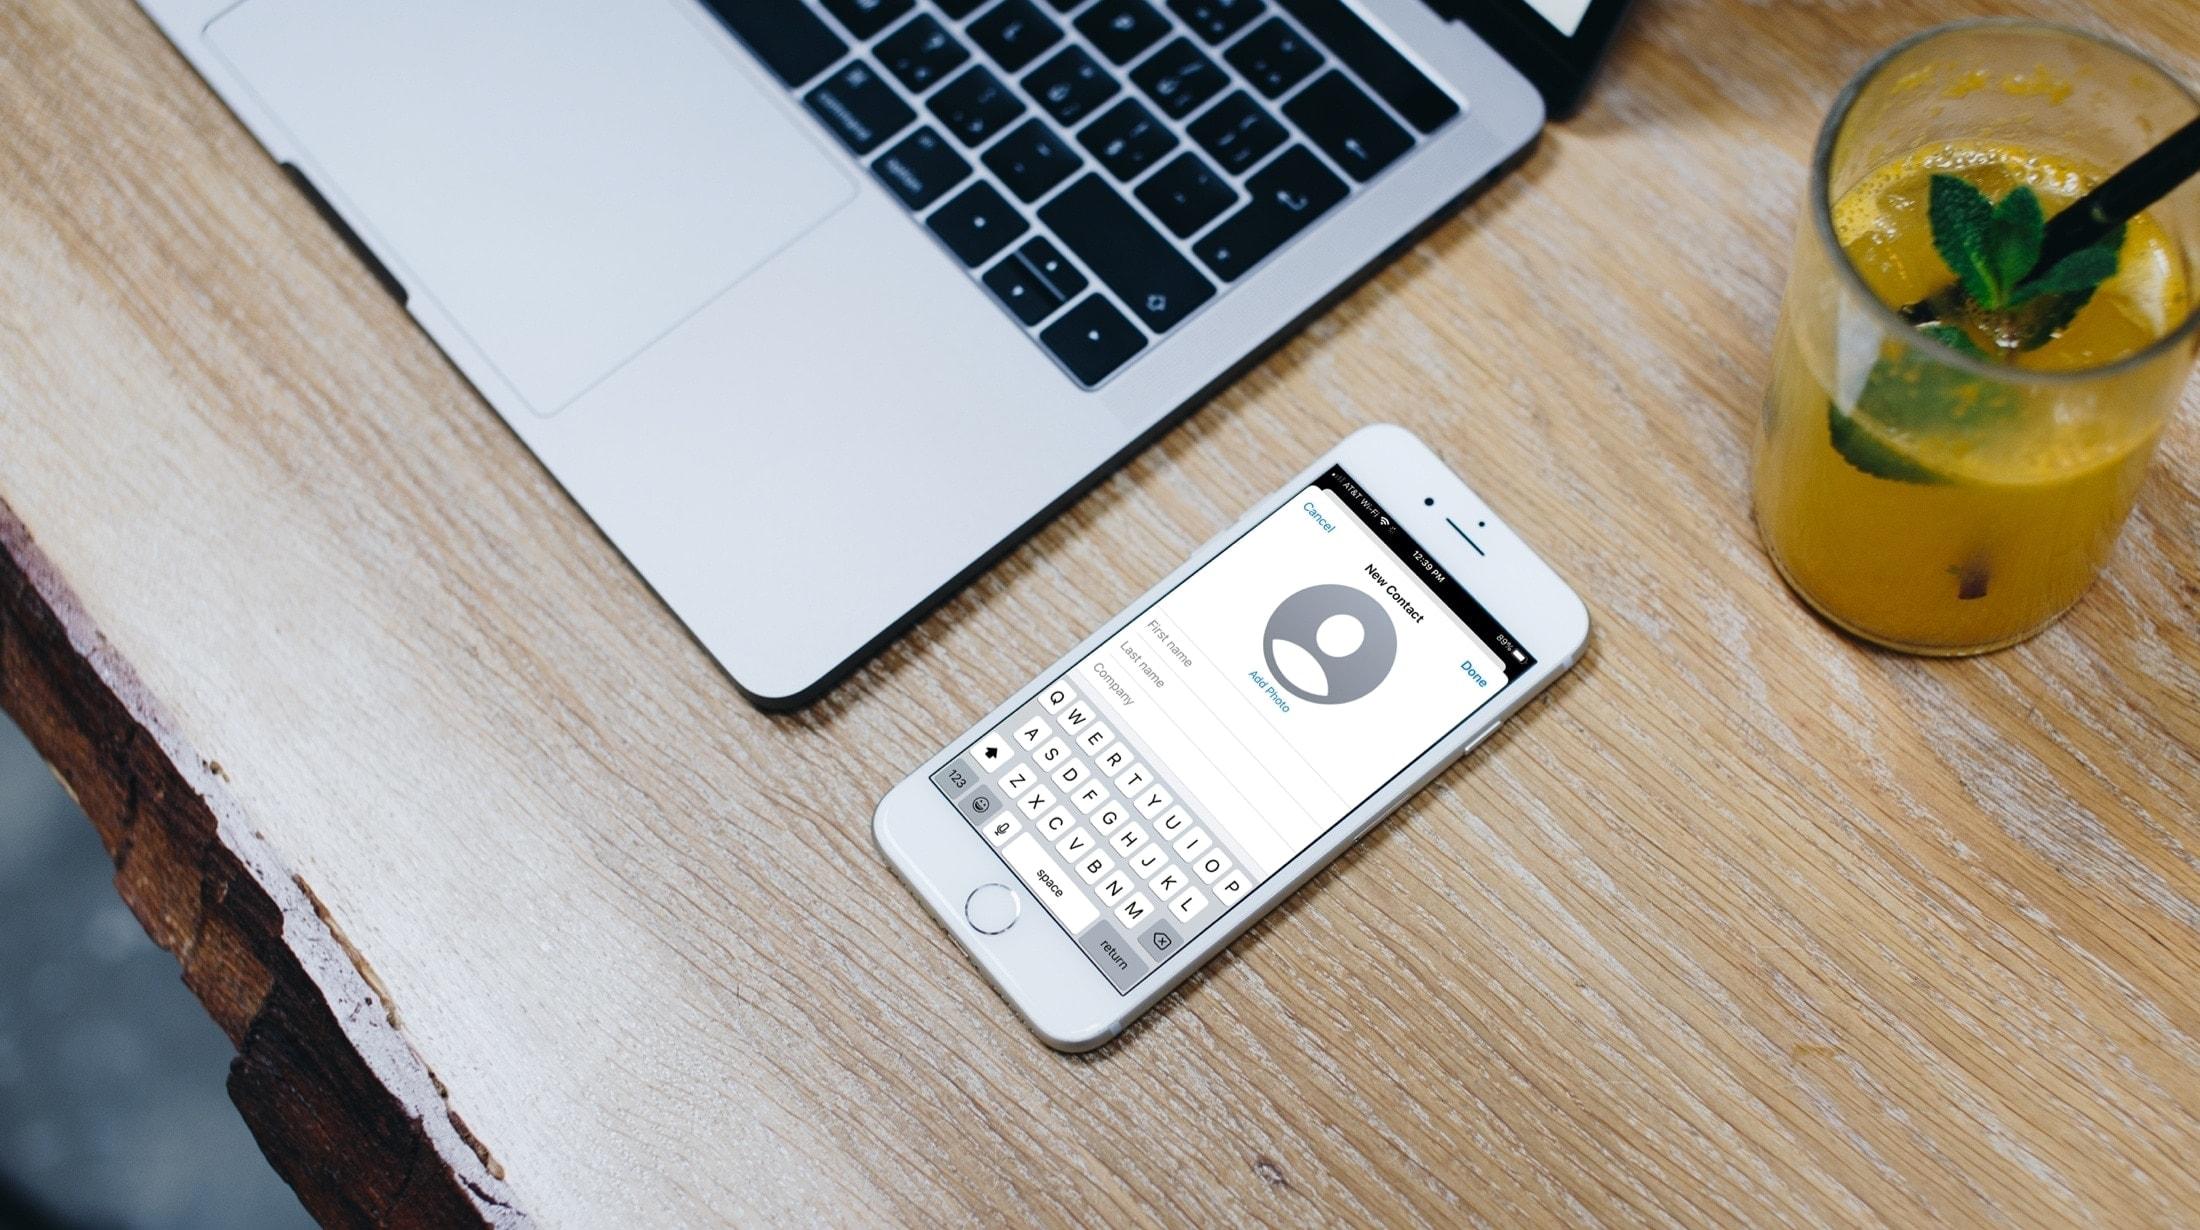 Aplicación de contactos iPhone Nuevo contacto